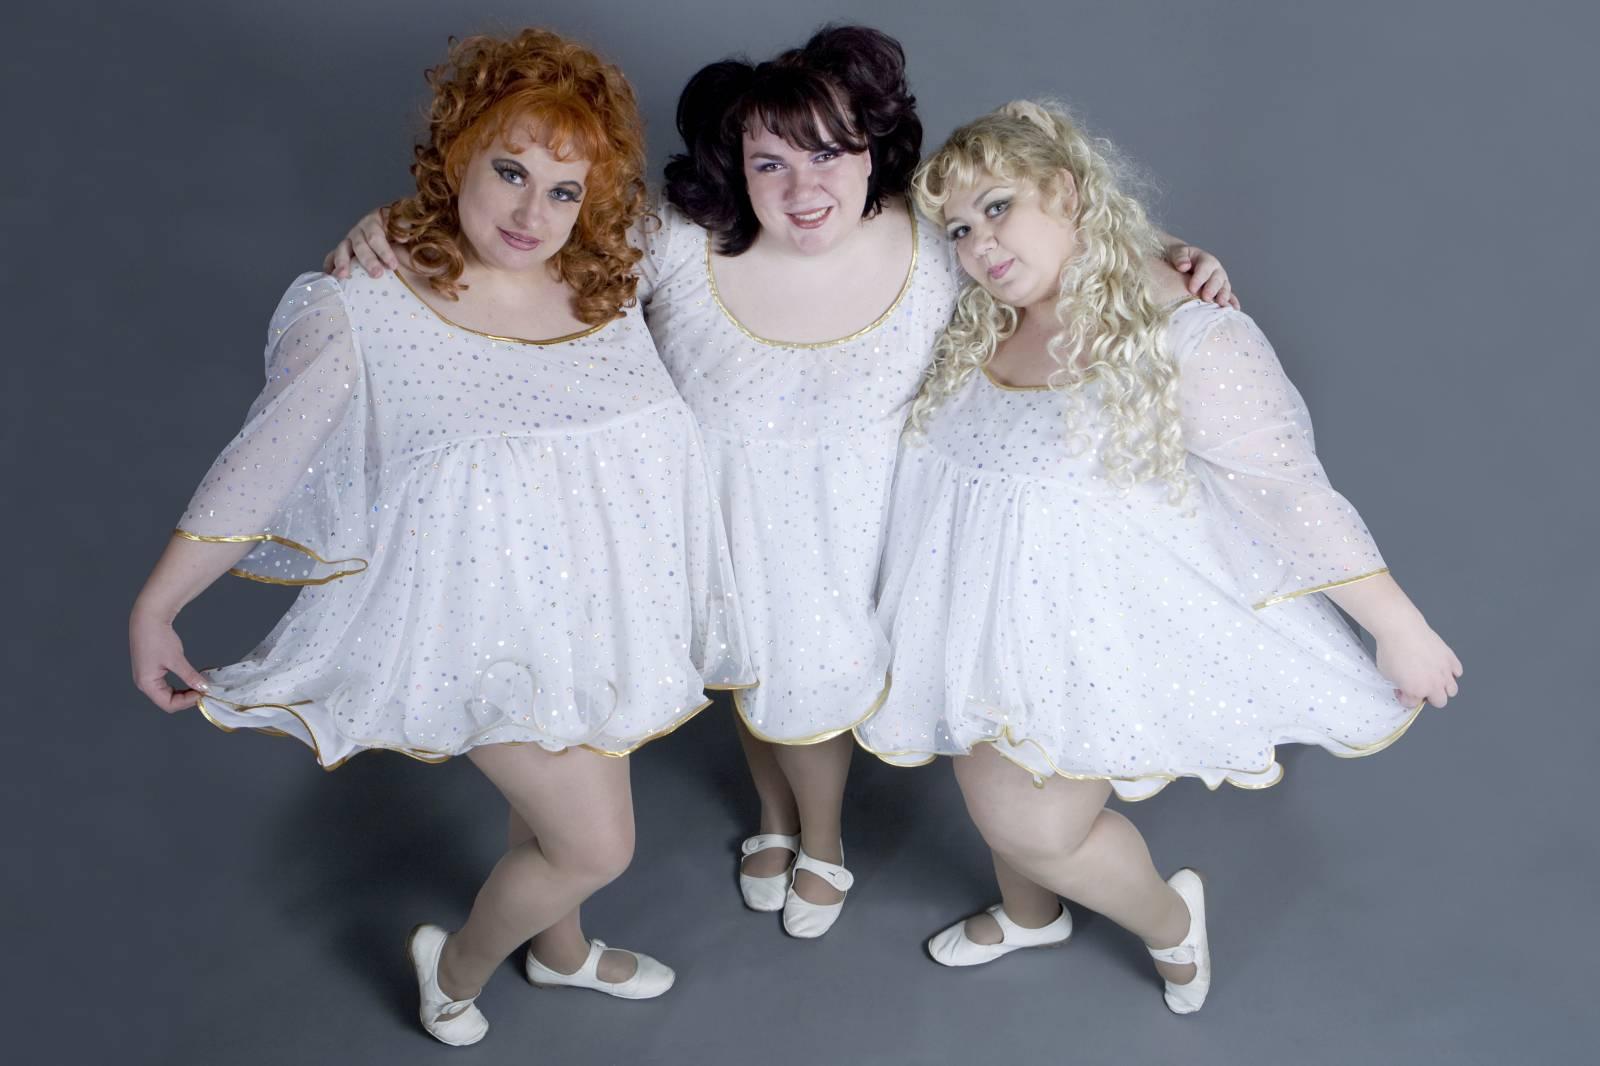 Фото галерея толстушек, голые толстушки Частное порно фото голых 11 фотография